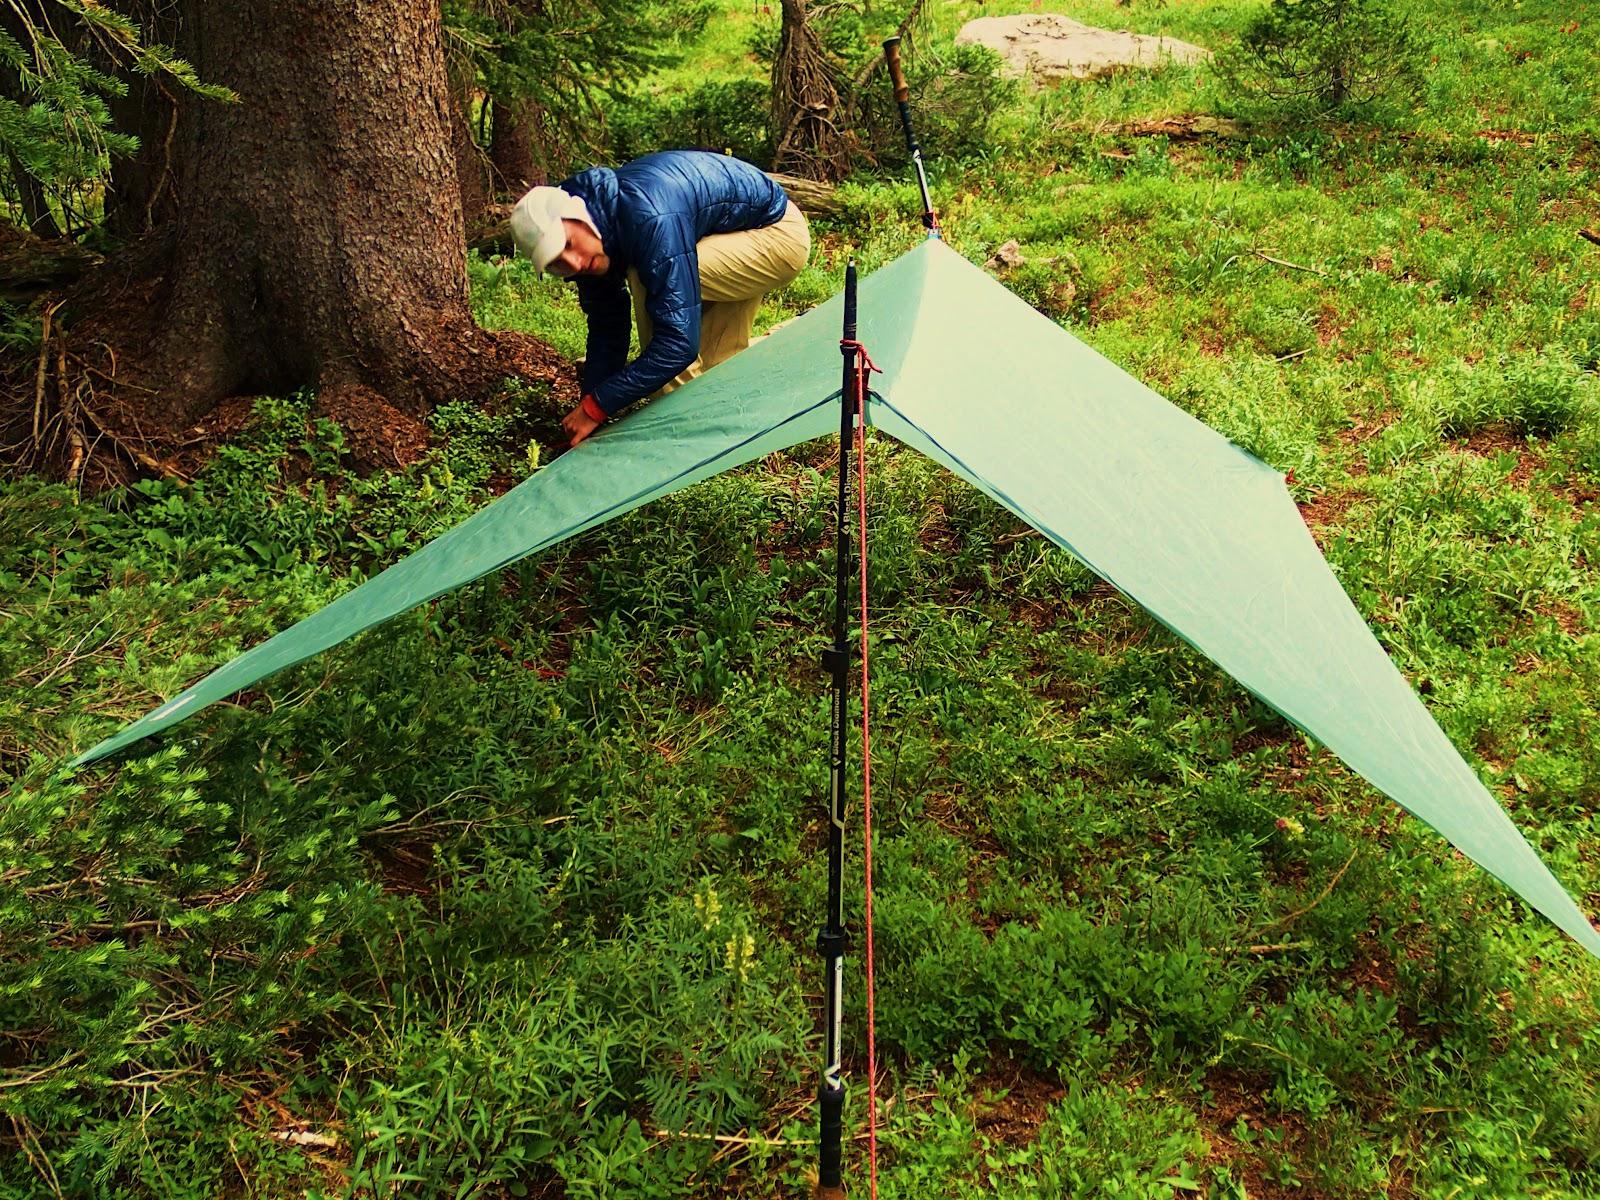 Robens 3x3 compteur Trail Tarp